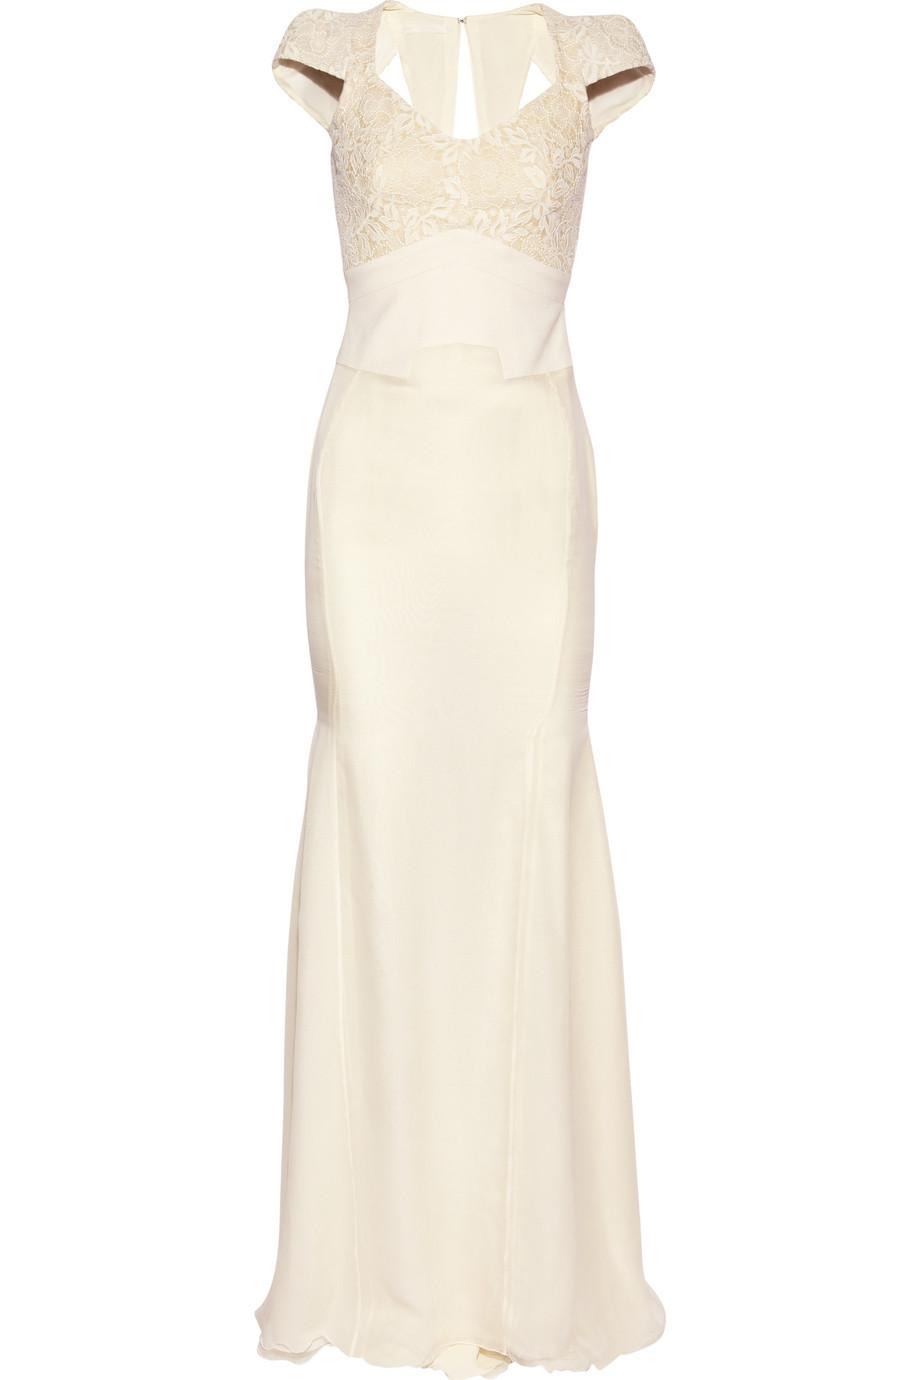 Antonio berardi cream wedding dress for Simple cream wedding dresses